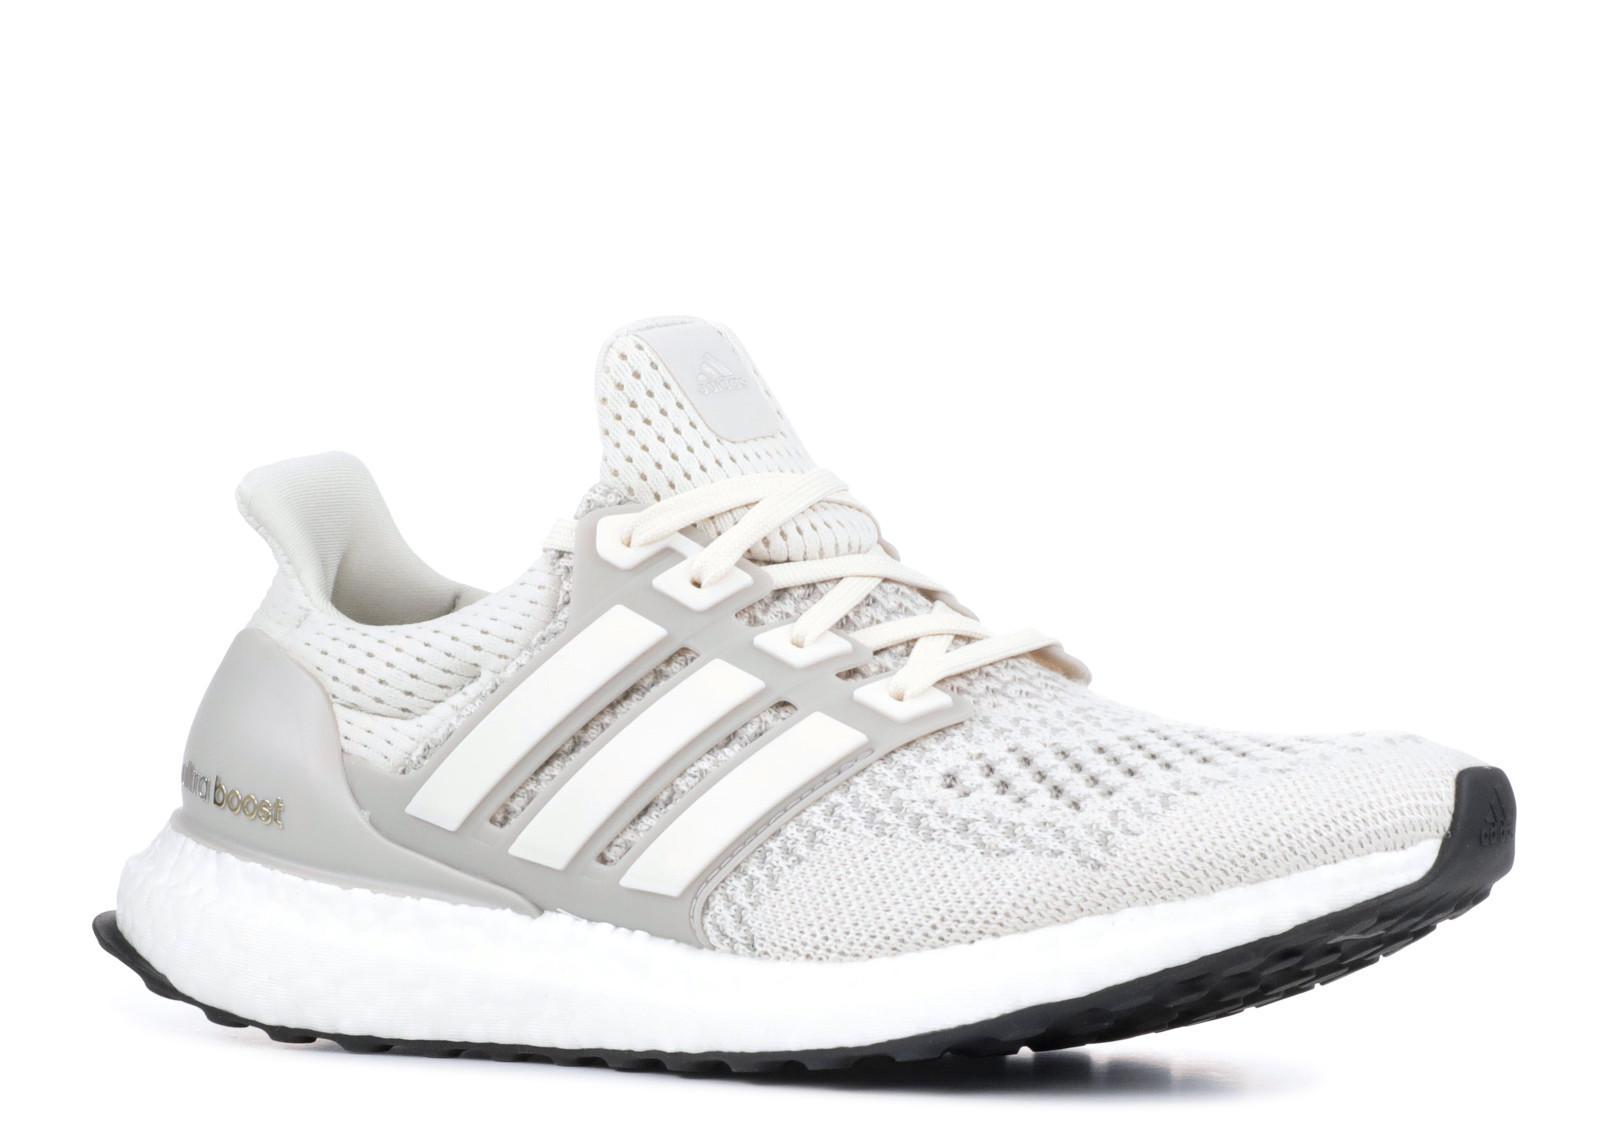 on sale 0838e c40e3 Kick Avenue - Authentic Sneakers